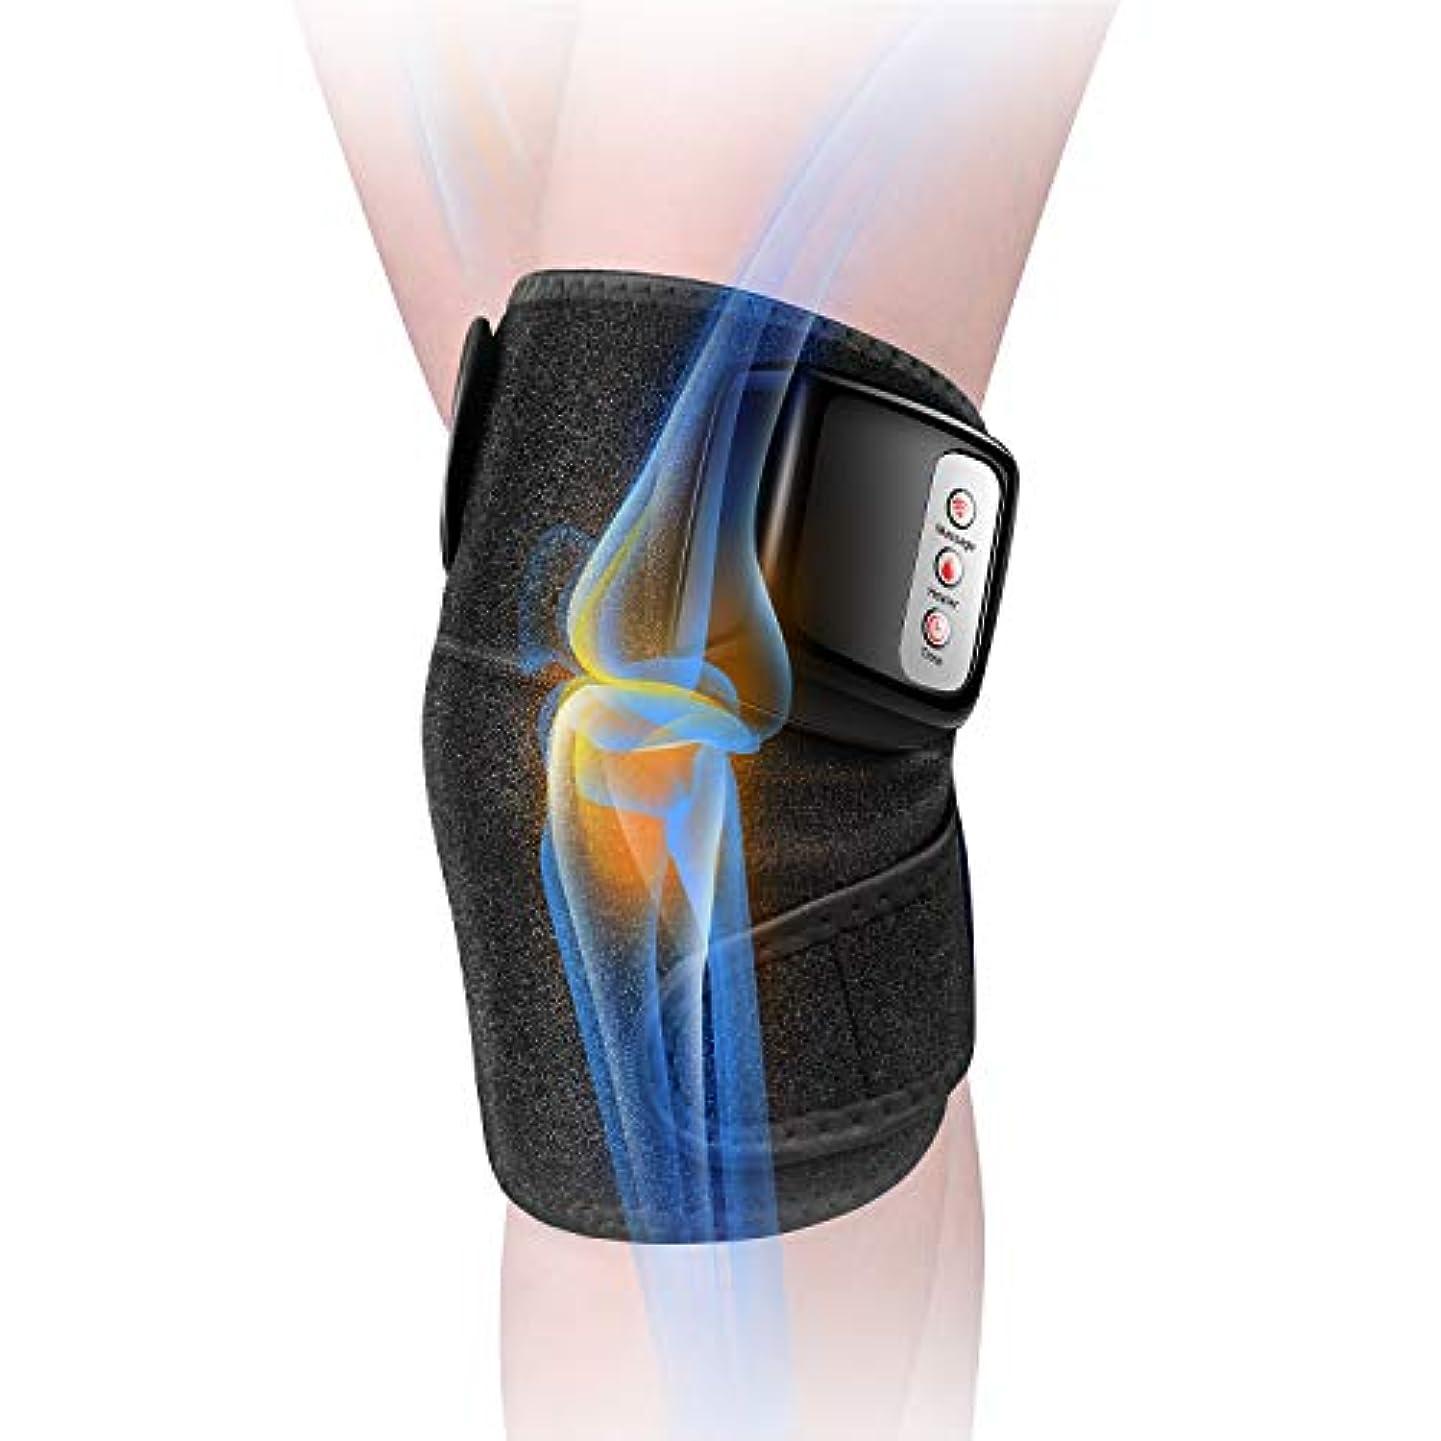 ホーンプロテスタント単語膝マッサージャー 関節マッサージャー マッサージ器 フットマッサージャー 振動 赤外線療法 温熱療法 膝サポーター ストレス解消 肩 太もも/腕対応